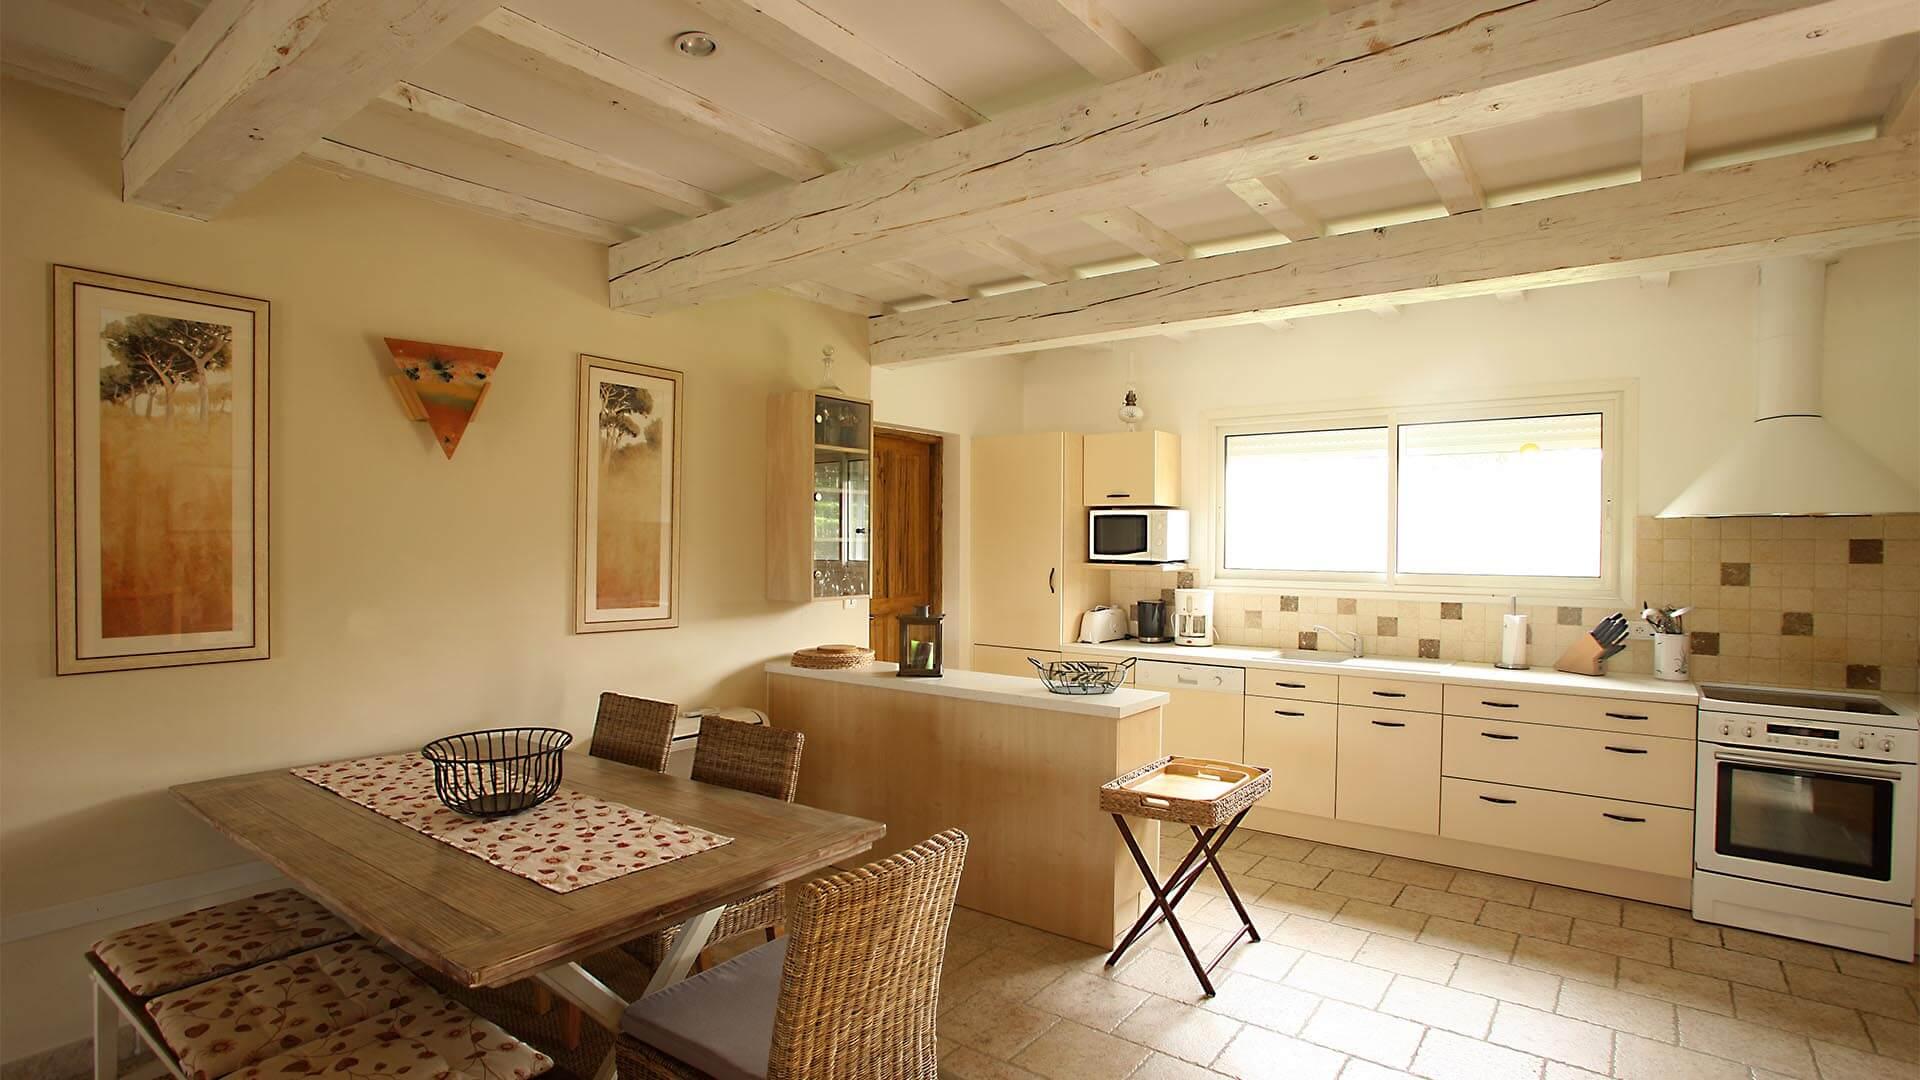 Villa à louer vacances Alpes de Haute Provence | Villa terre d'ocre | Cuisine américaine